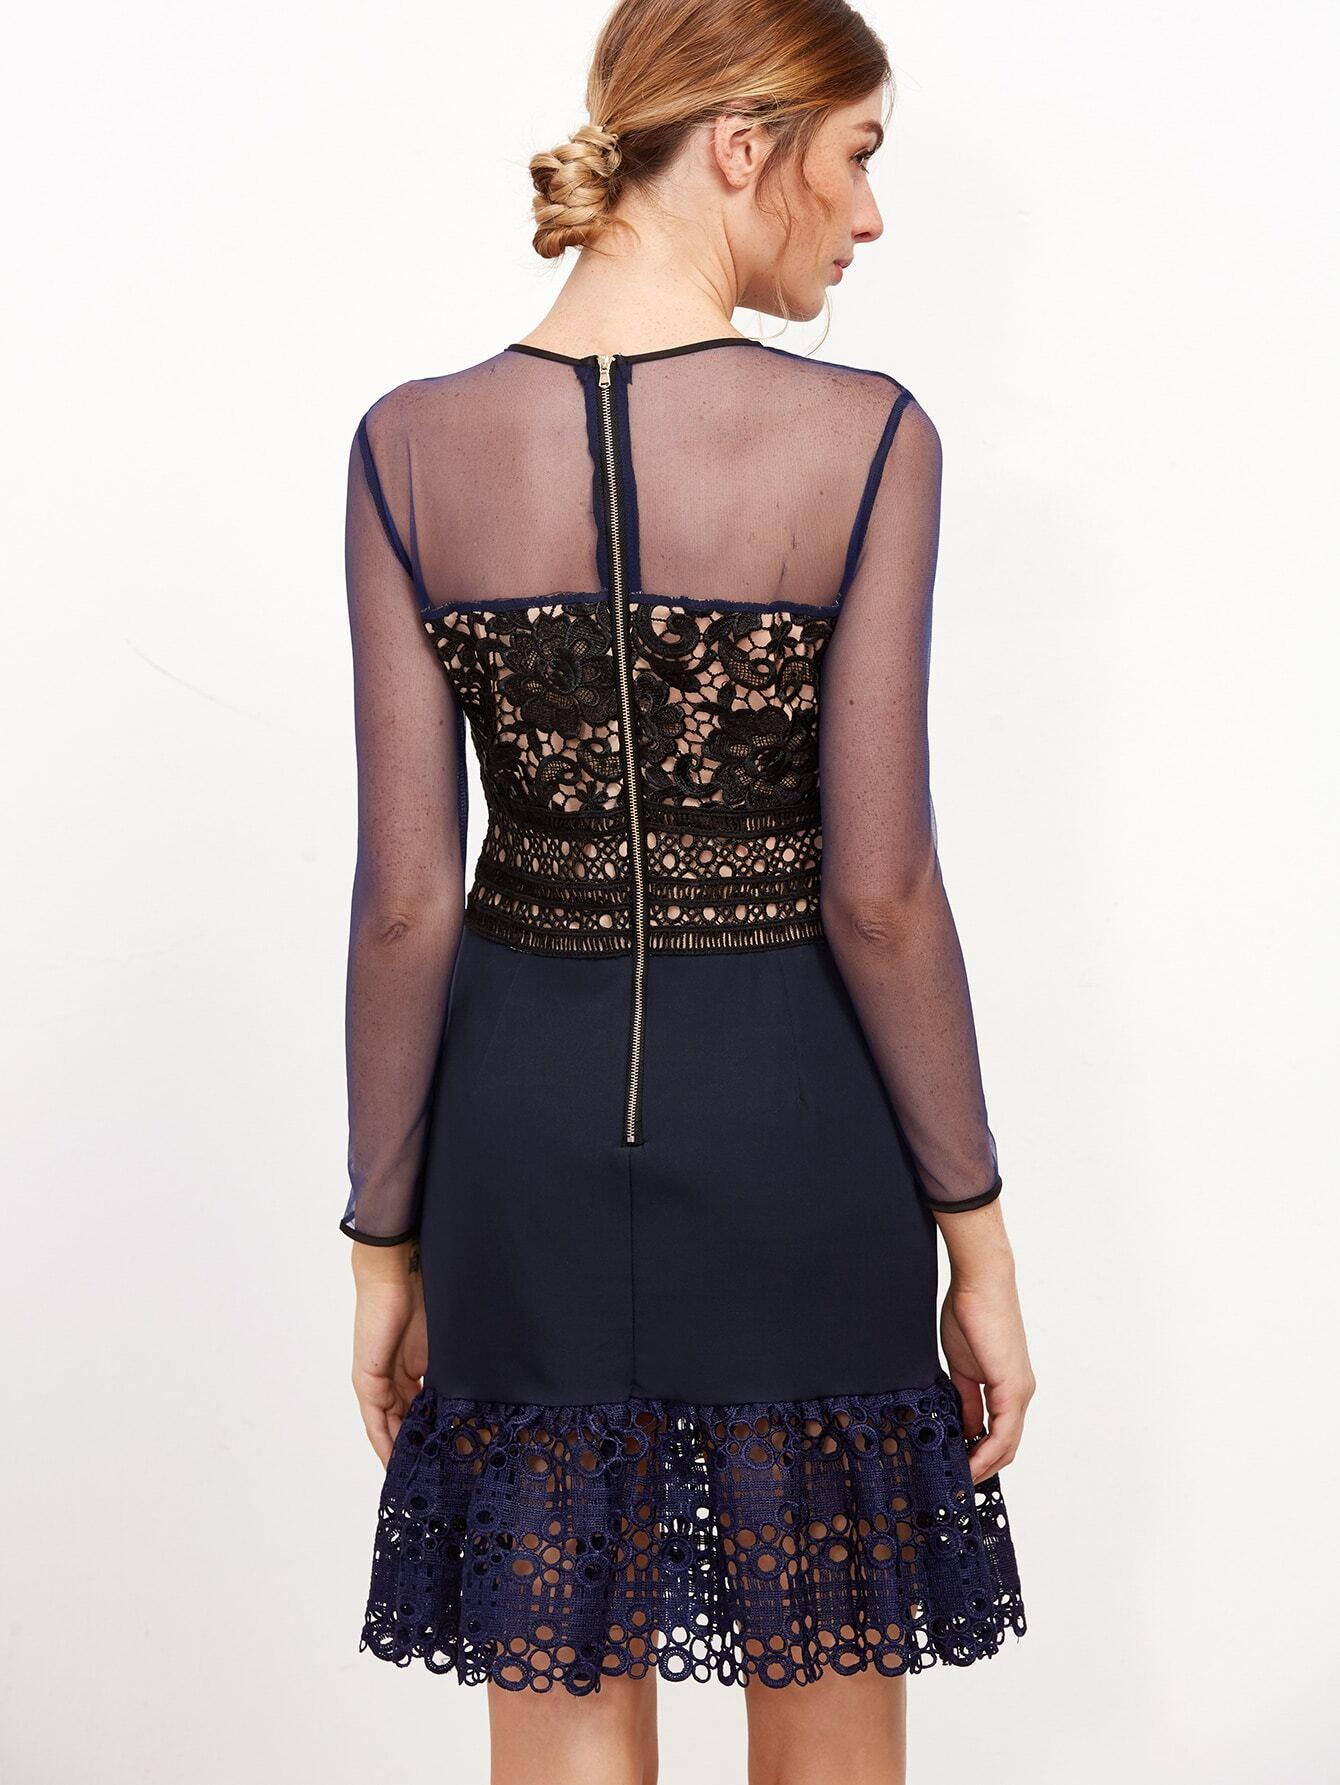 dress160928001_2